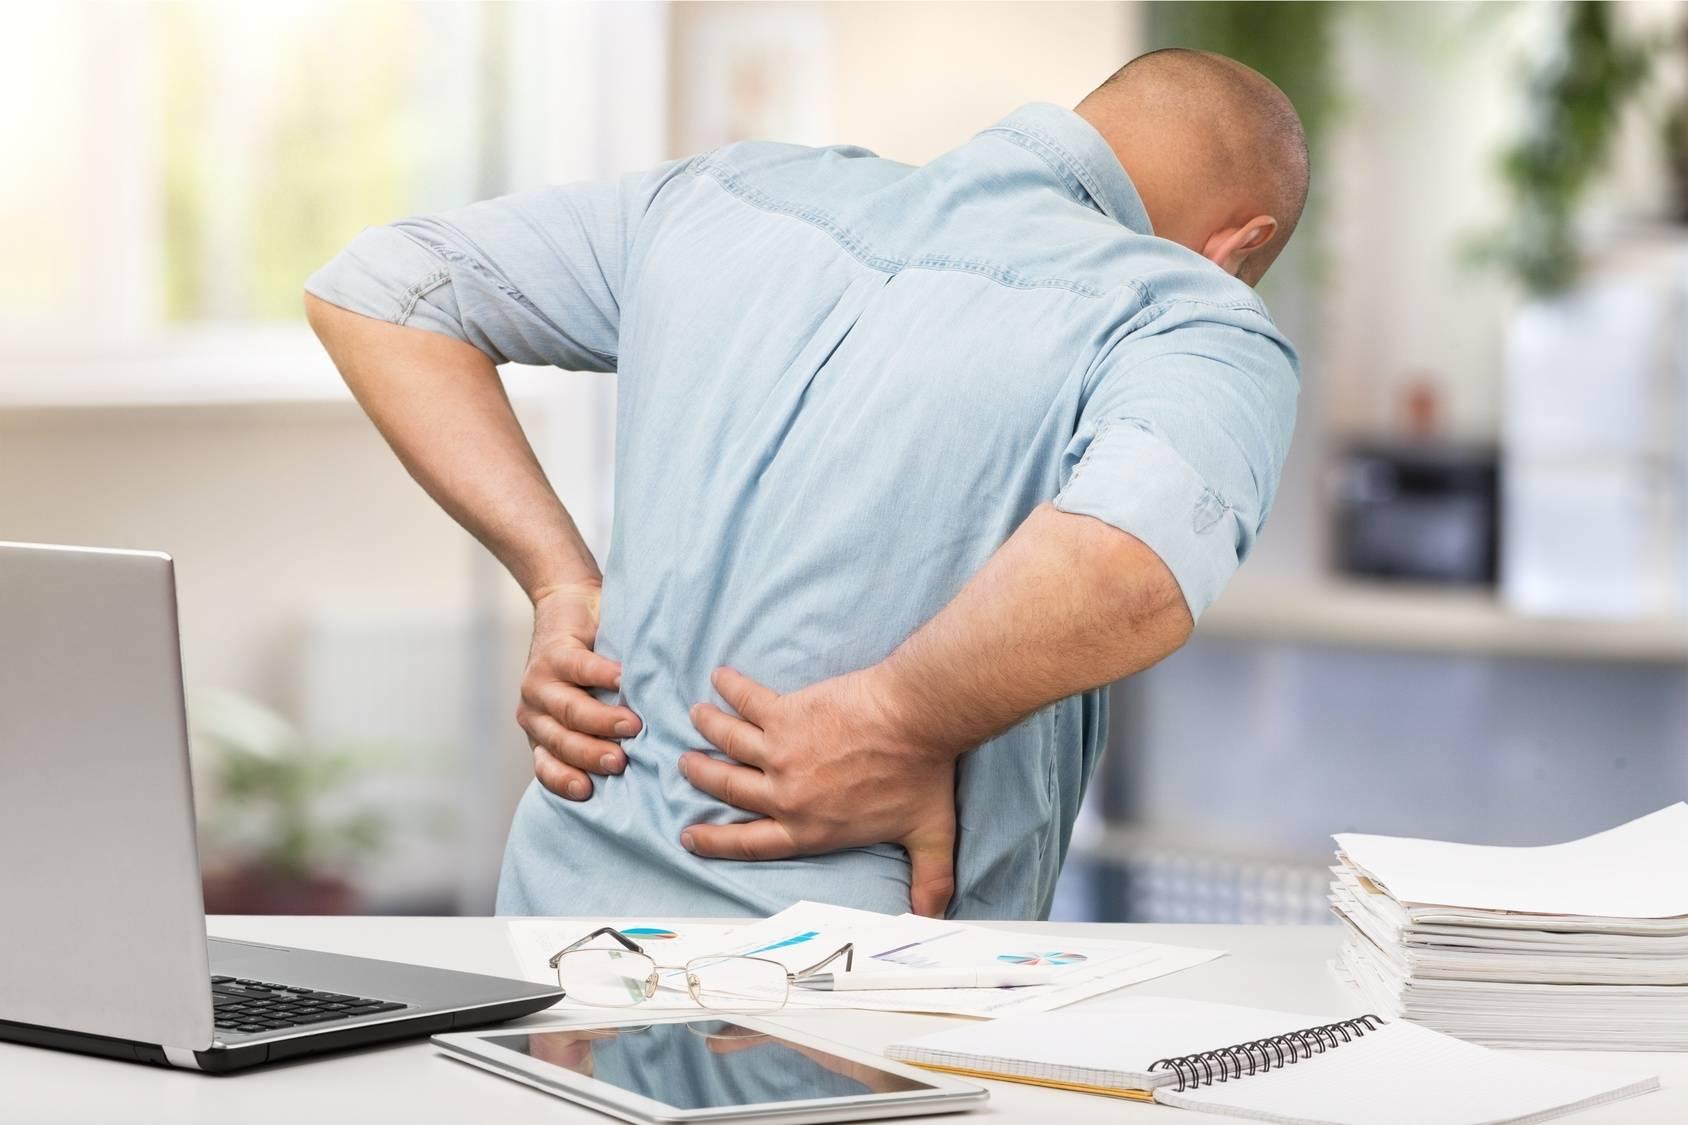 Ból pleców, lędźwi, ból kręgosłupa to częsta dolegliwość osób prowadzących siedzący tryb życia.